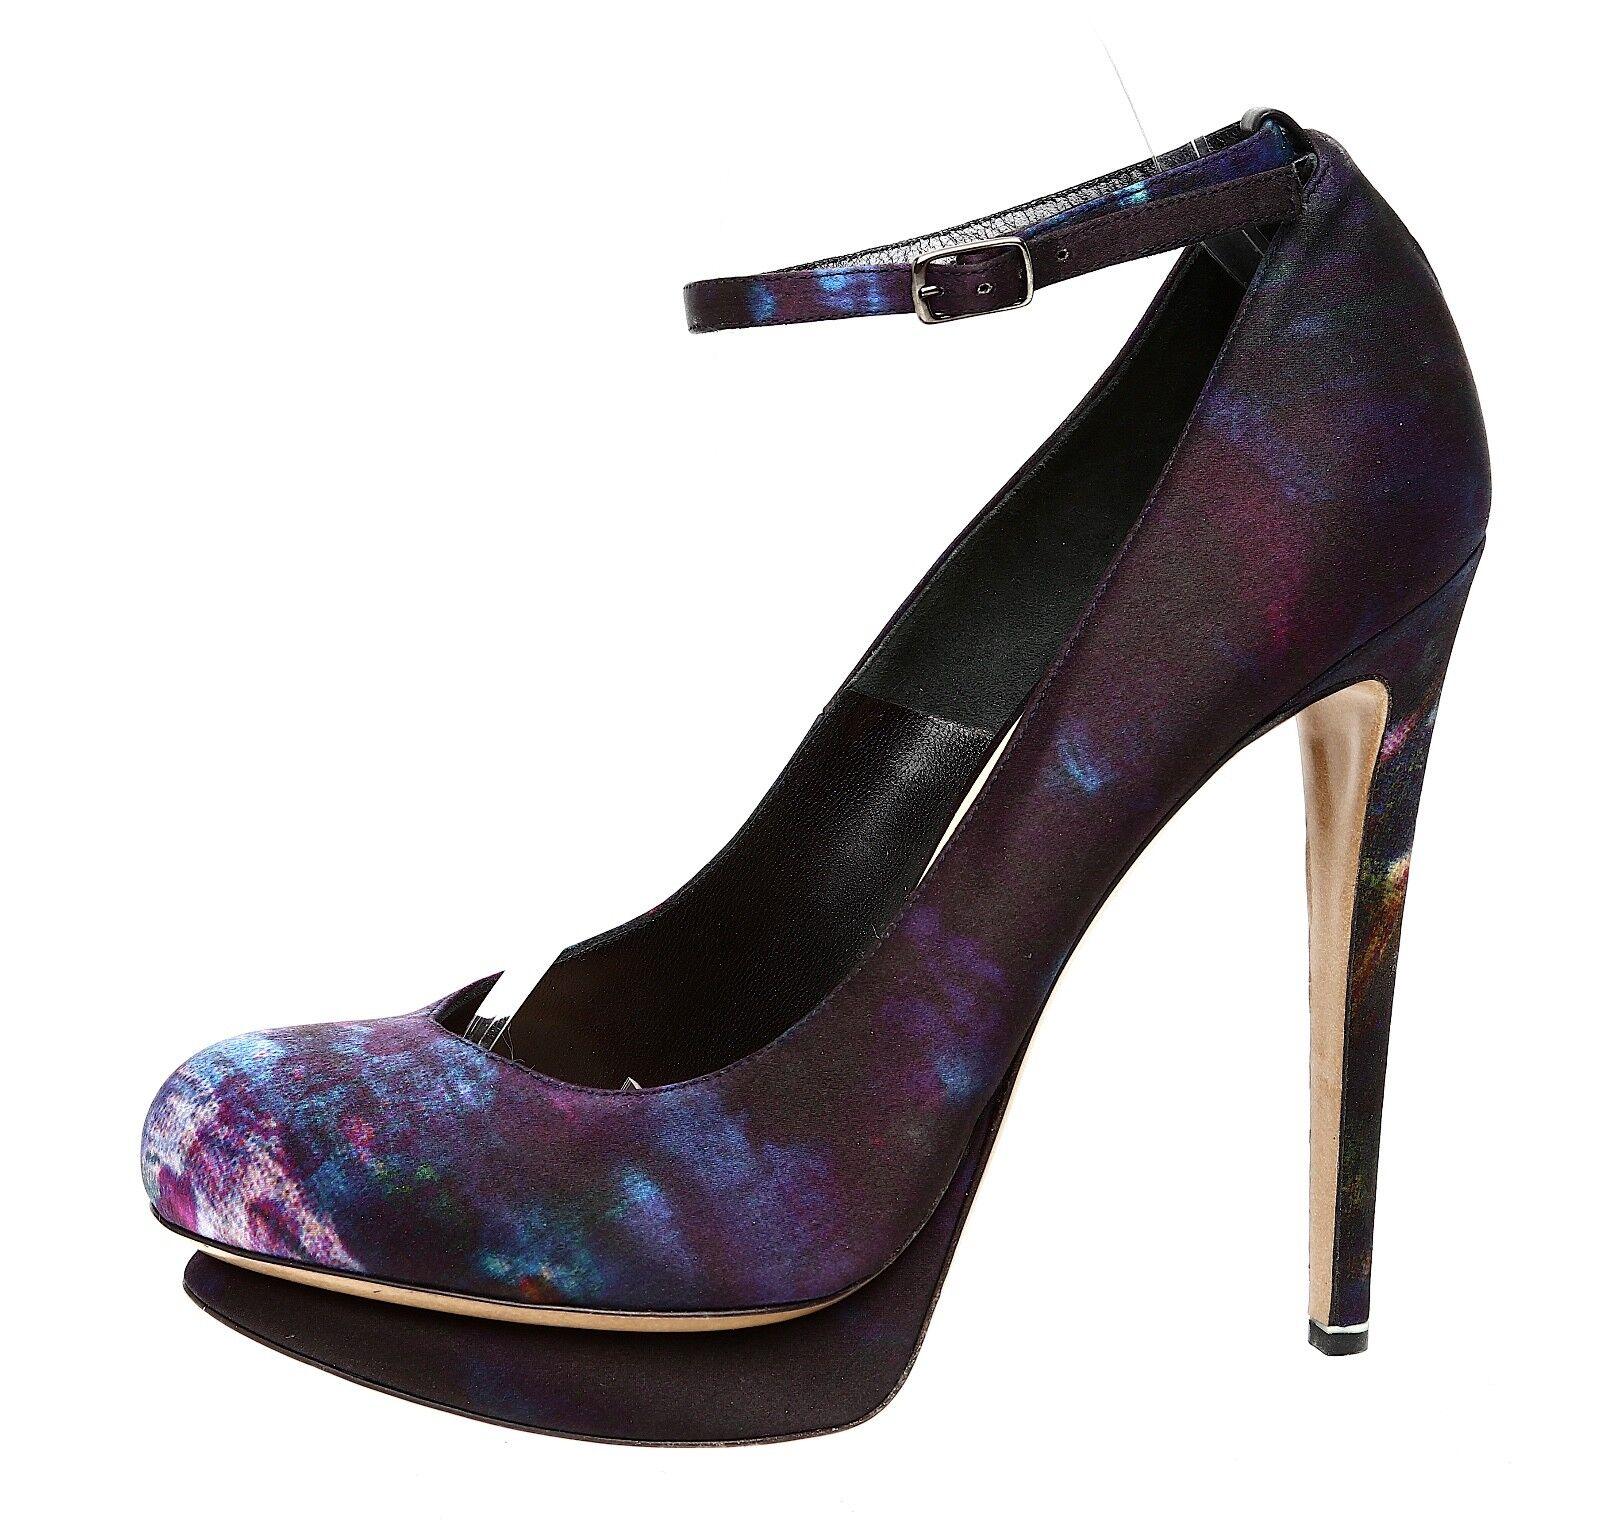 Nicholas Kirkwood Erdem Ankle Strap Floral Satin Pump Purple Women Sz 39 4504